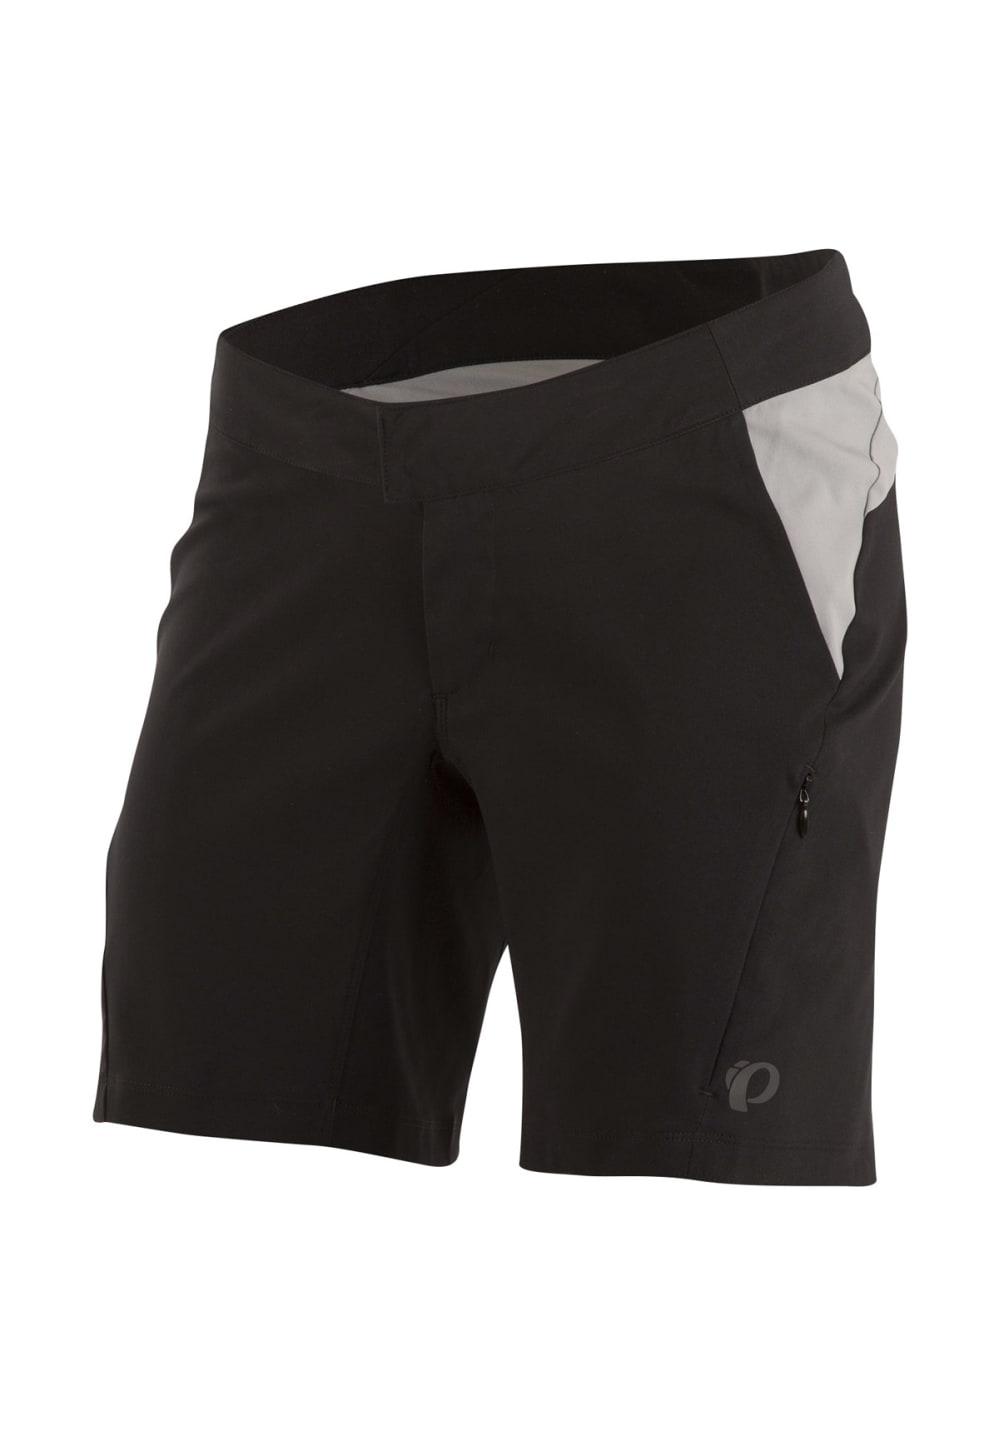 Pearl Izumi Canyon Short - Radhosen für Damen - Schwarz, Gr. L